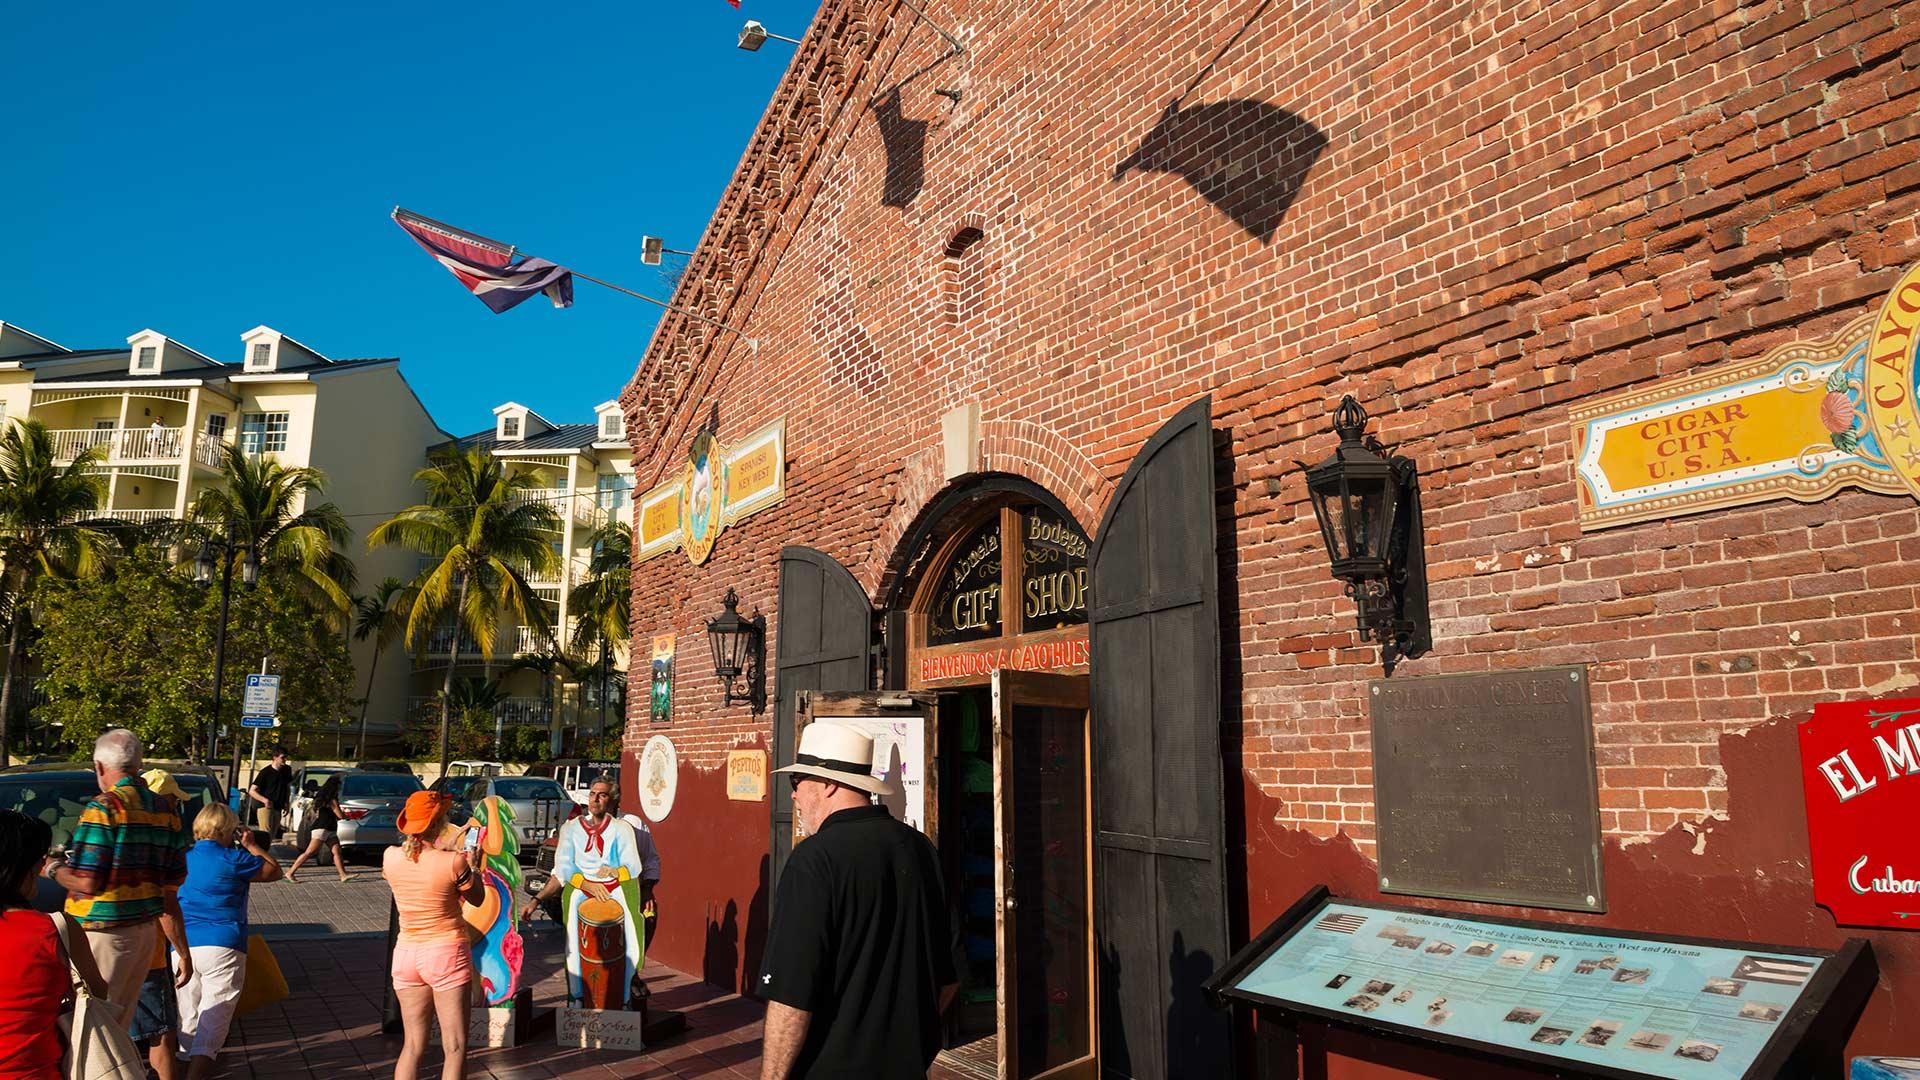 Cayo Huseo y Habana in Key West Florida